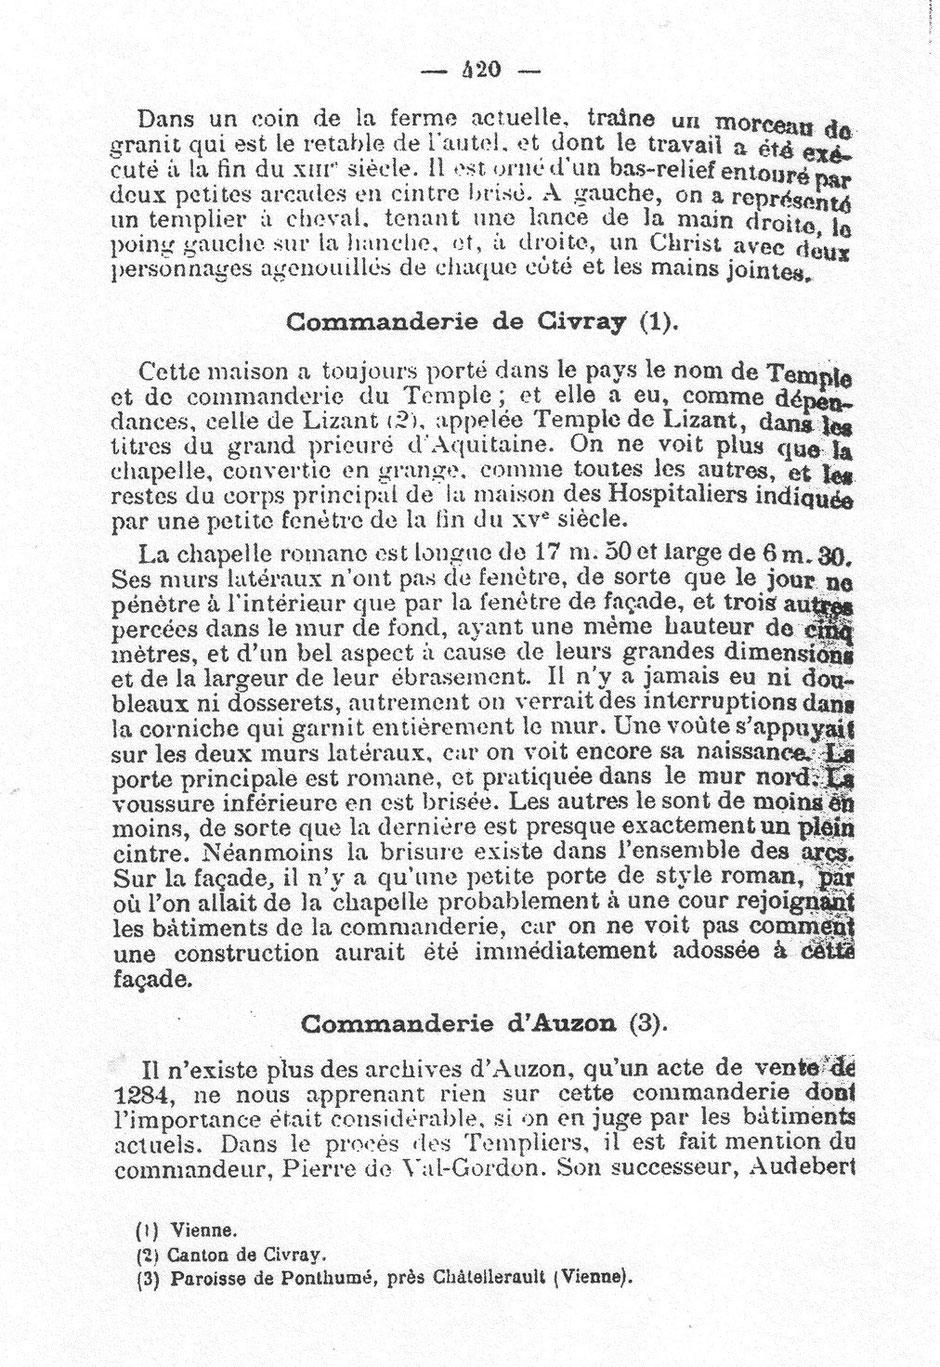 Rochebrochard - Revue Poitevine et Saintongeaise - T VI - Etude sur quelques commanderies des Templiers d'Aquitaine - 1889 p.420